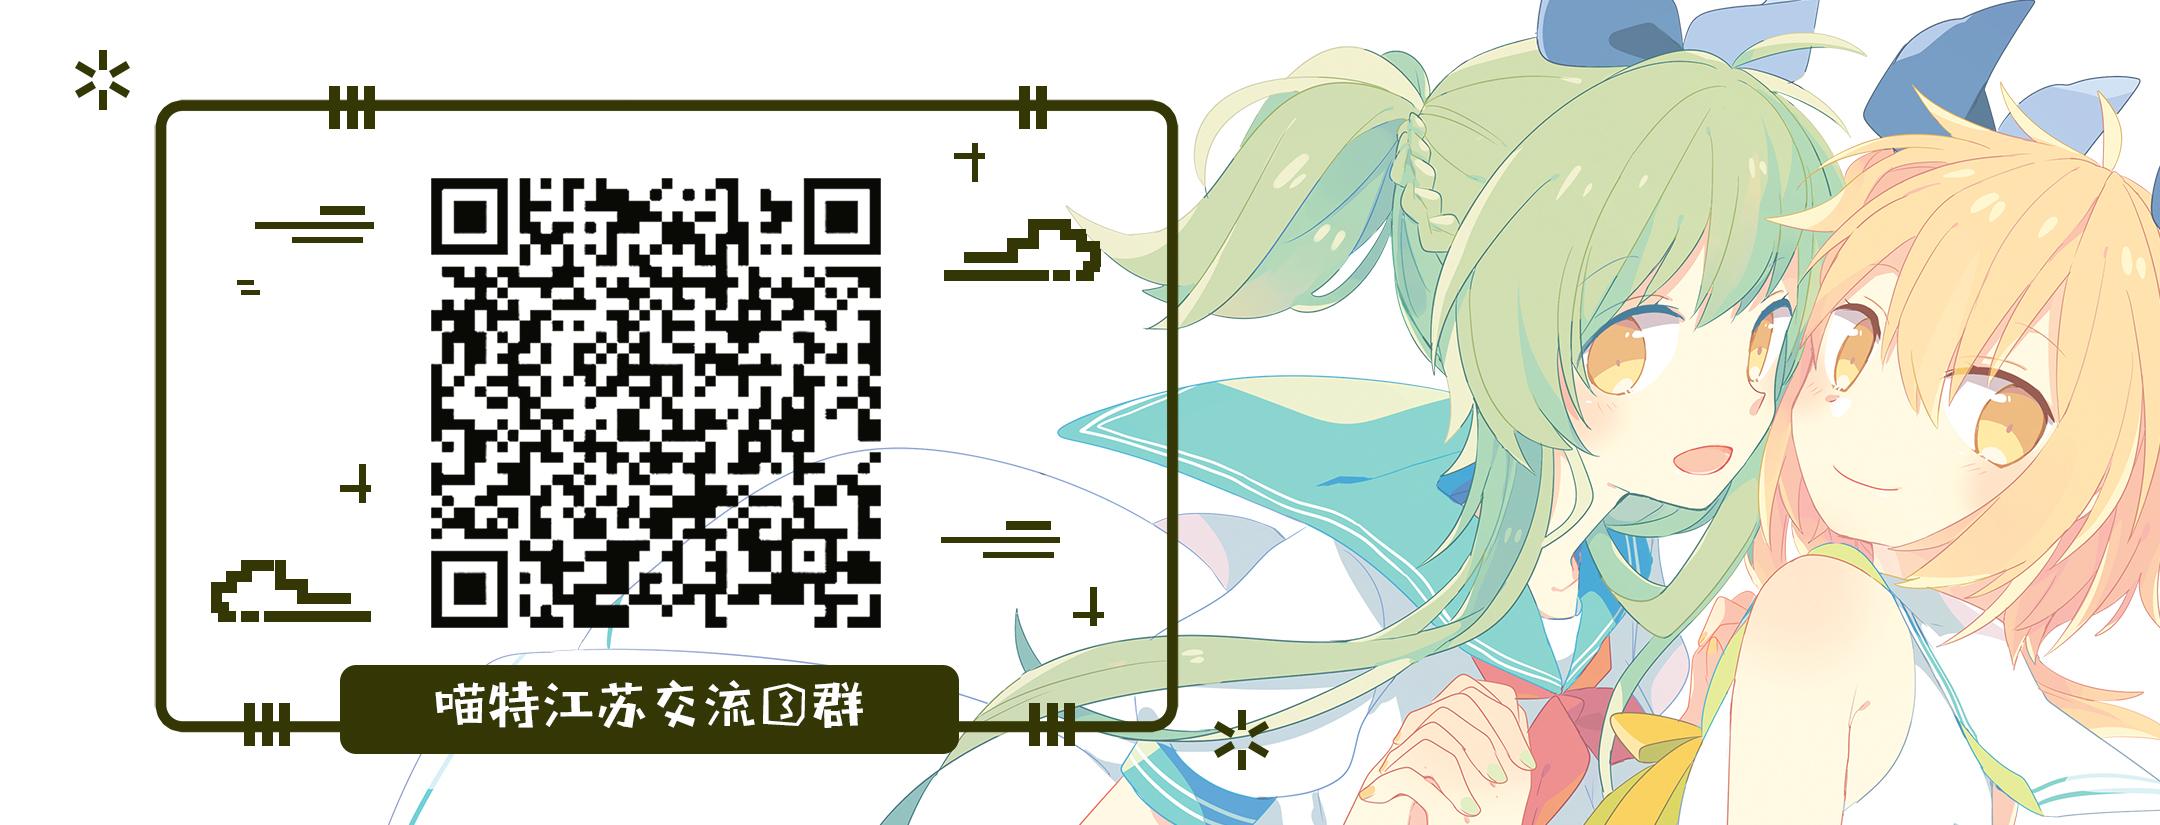 江苏交流3群 二维码展示.jpg